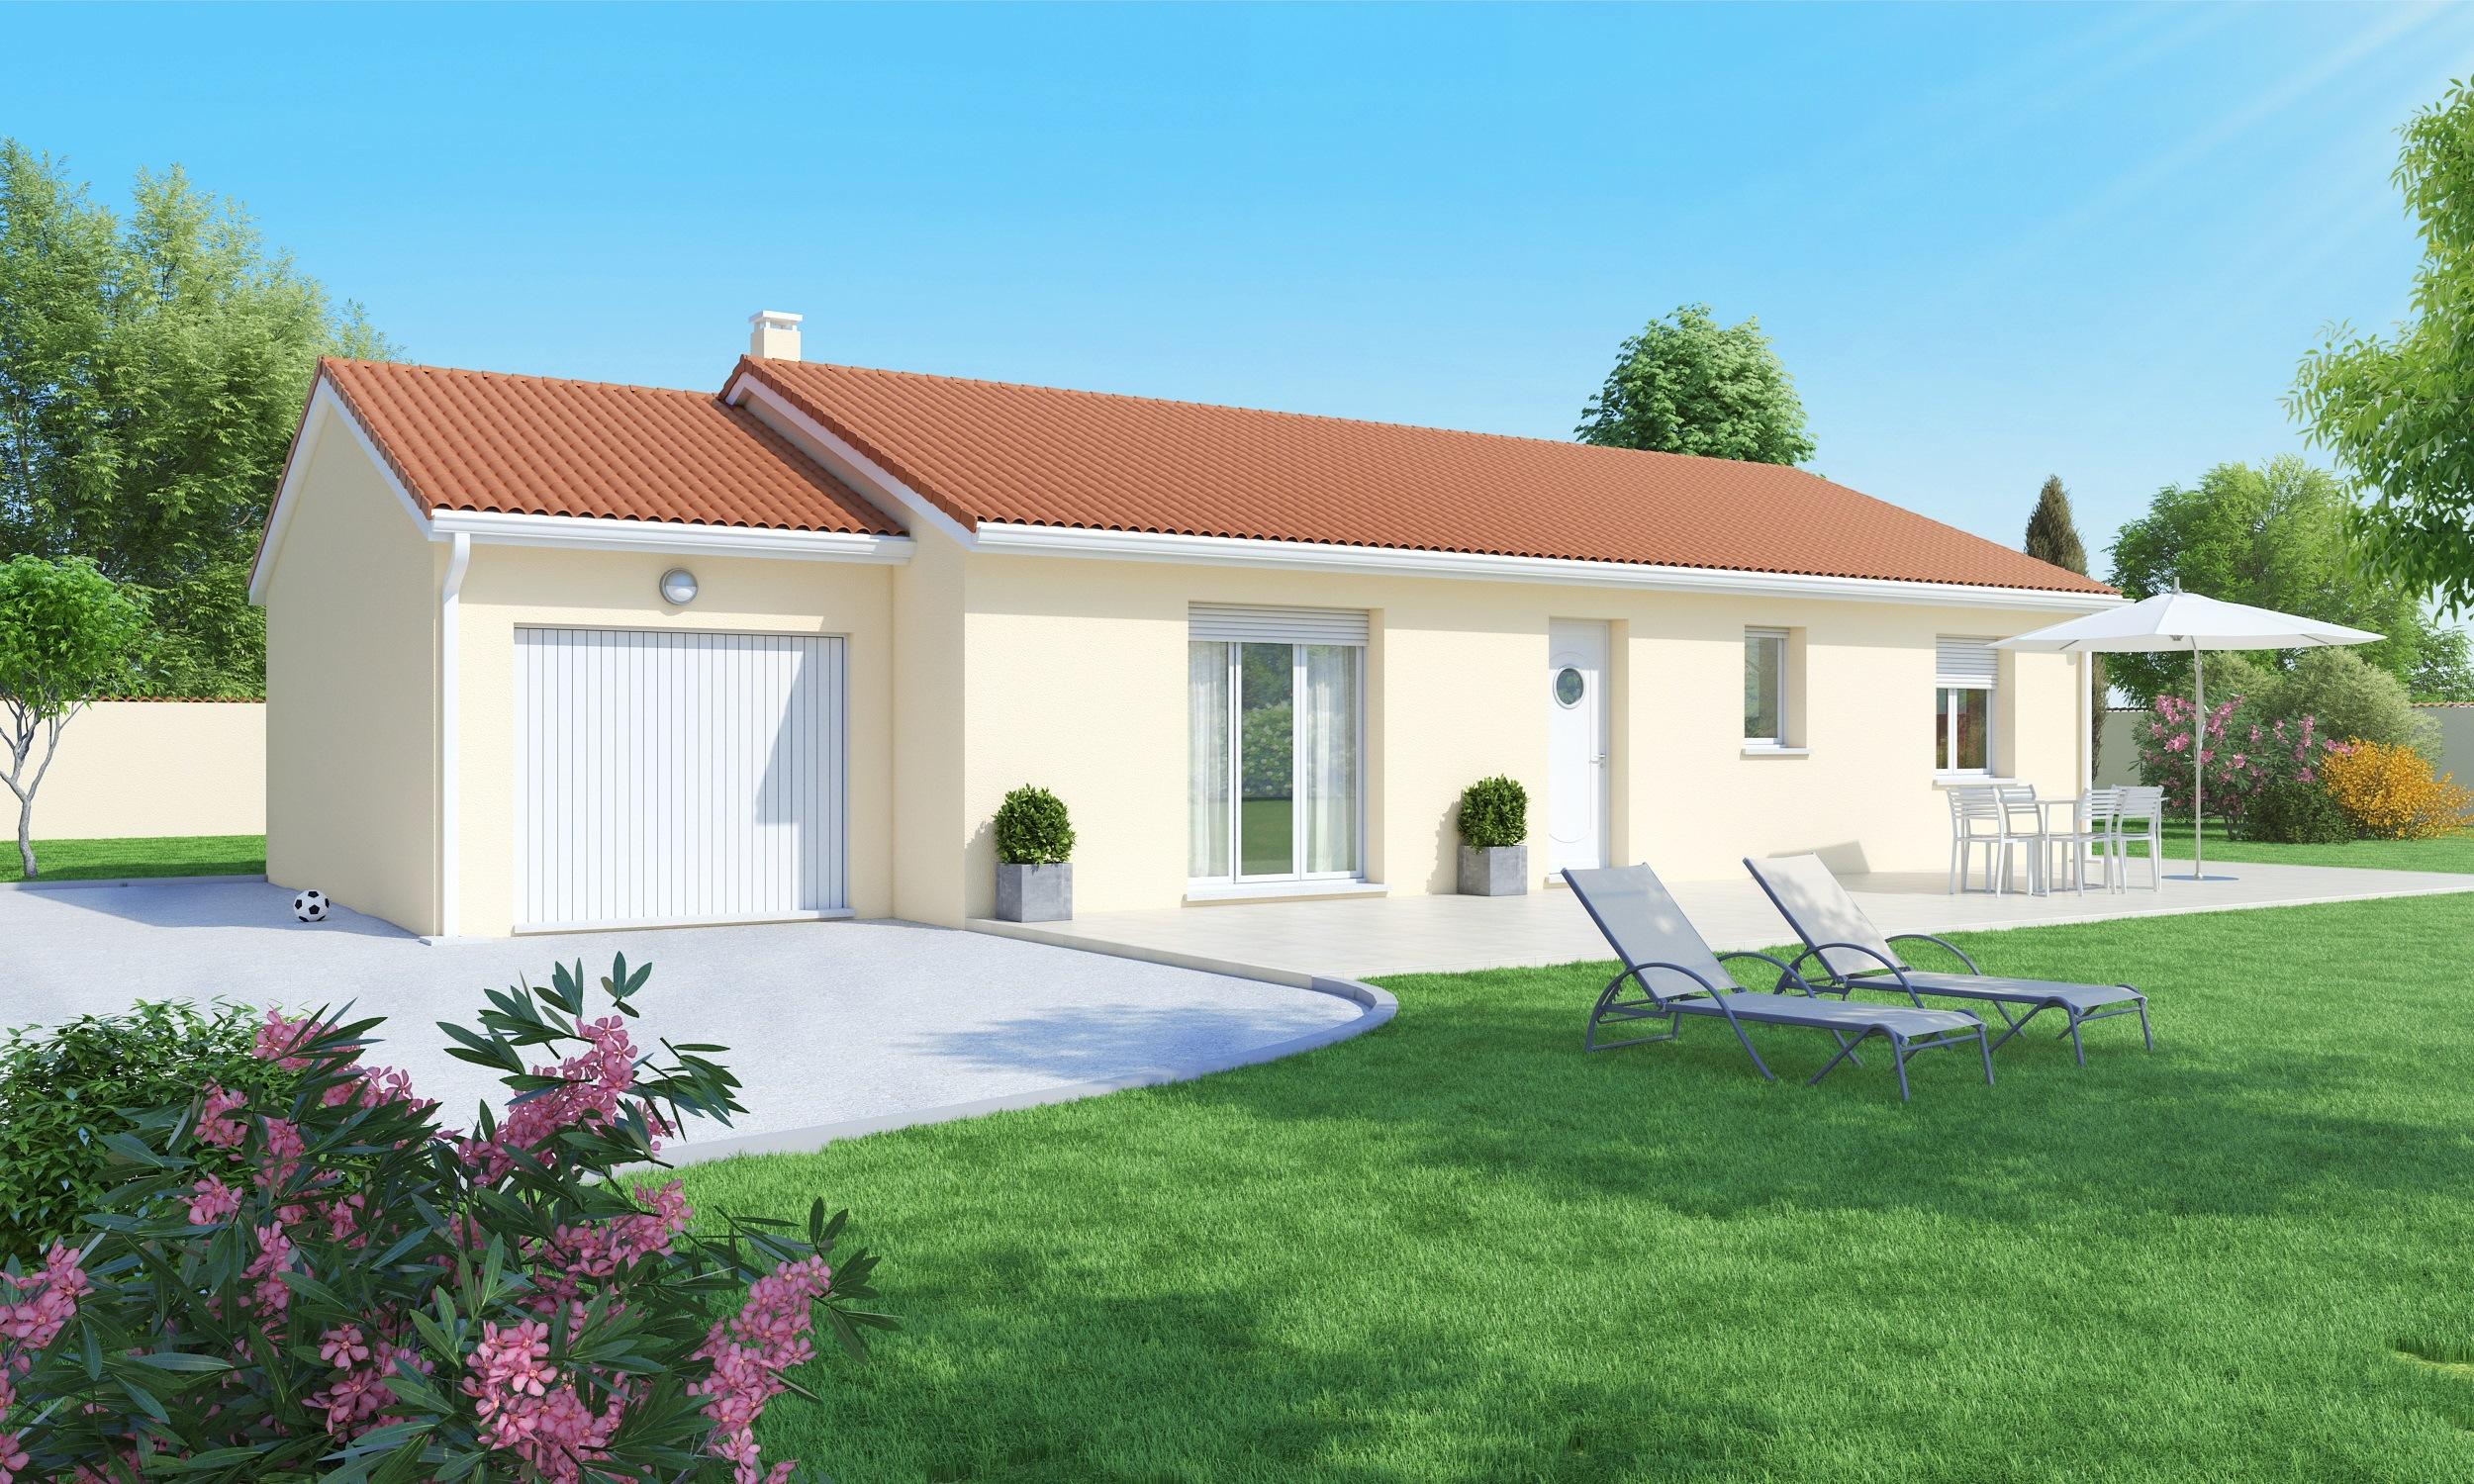 Maisons + Terrains du constructeur MAISONS AXIAL • 90 m² • EMERINGES